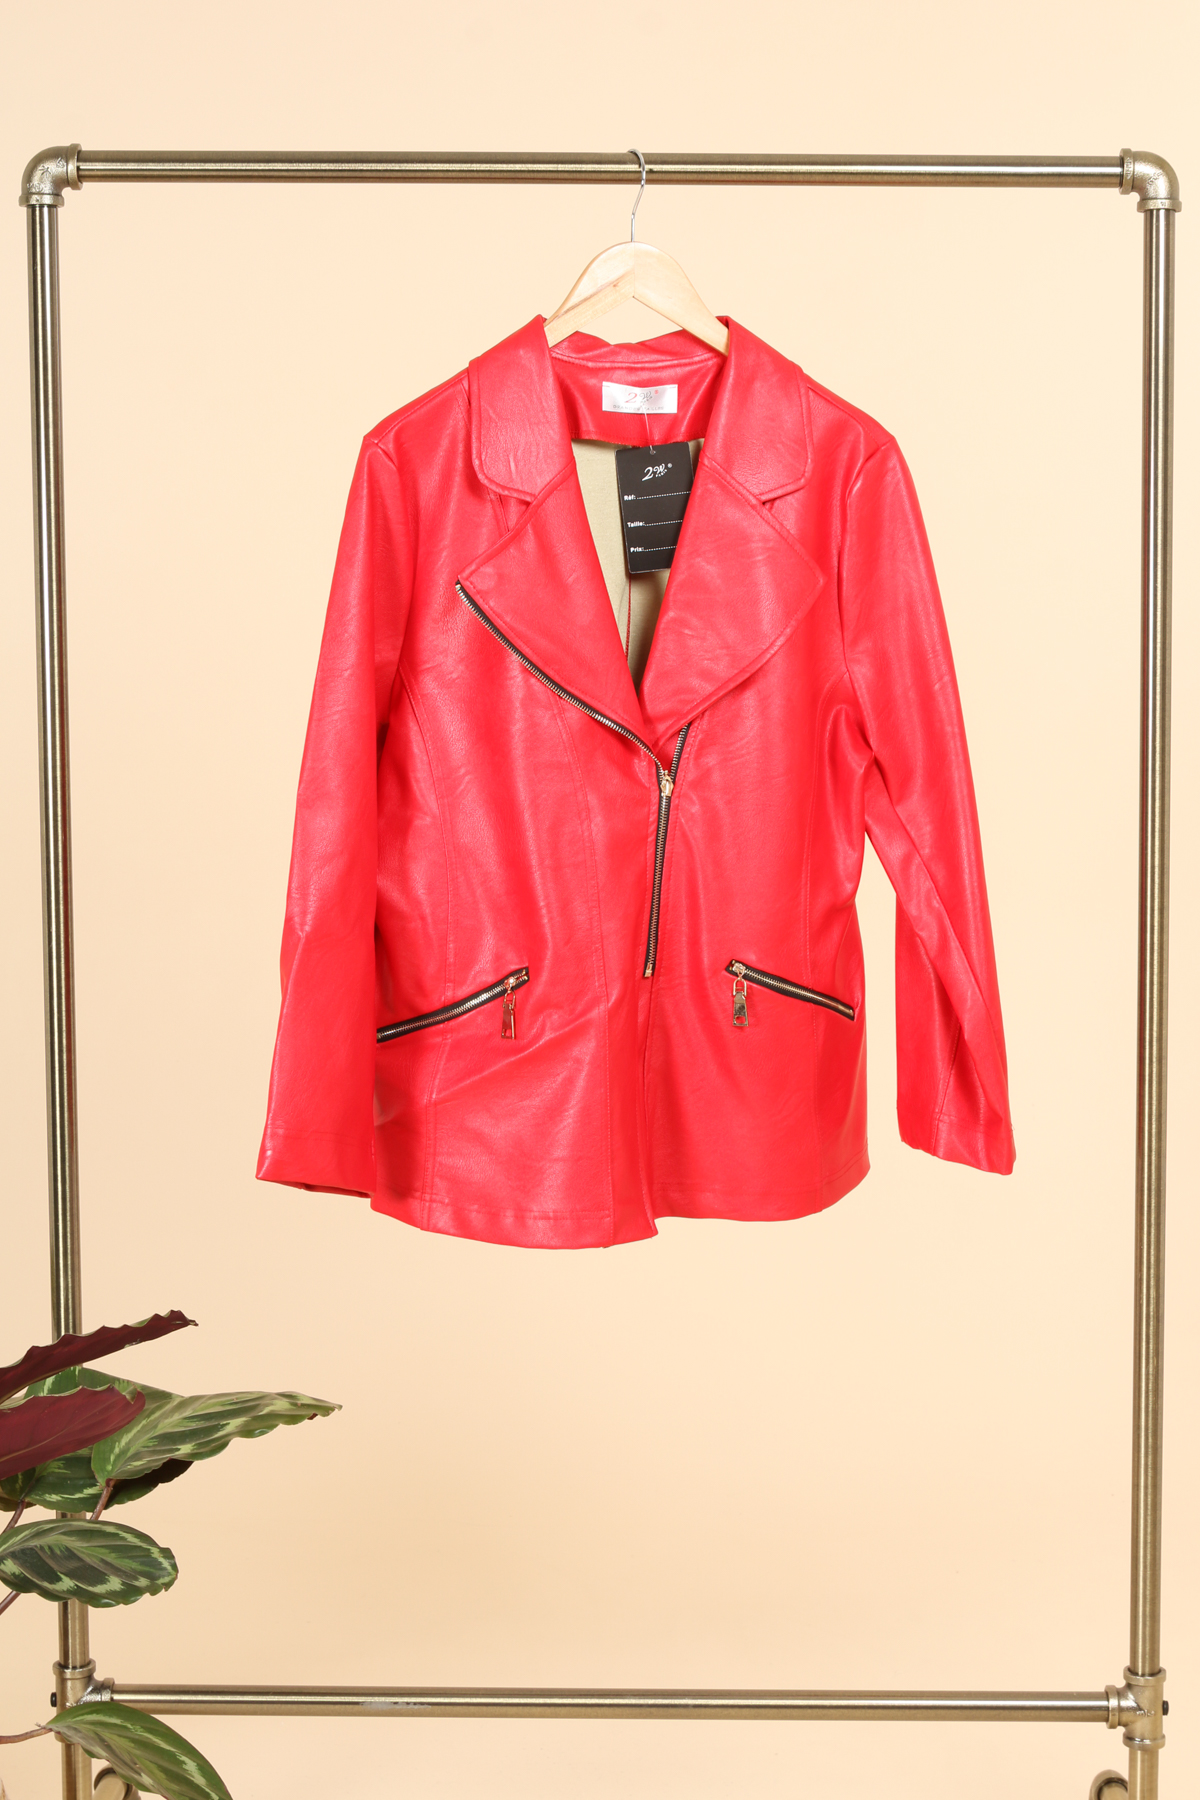 veste simili cuir femme grande taille marque 2w paris rouge v1352